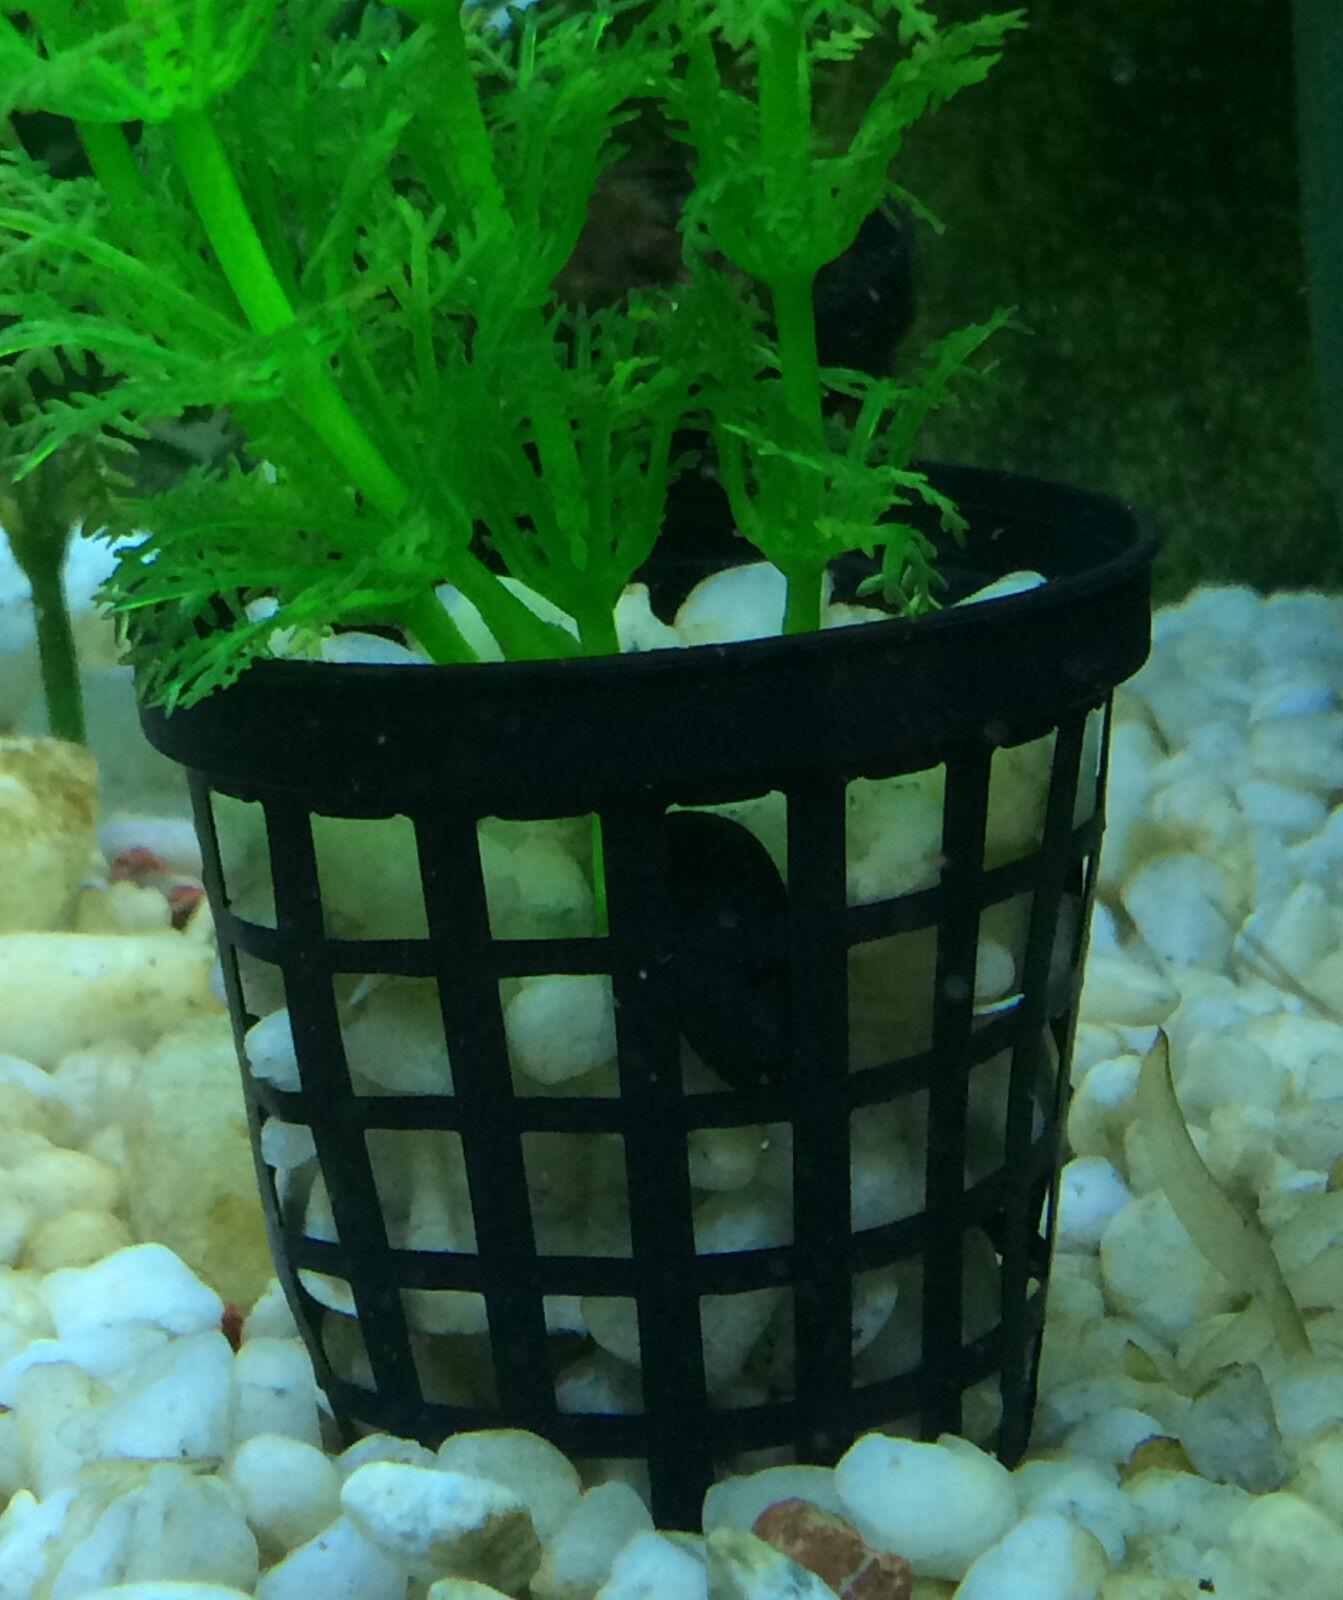 50mm NET Pot Aquarium Pack of 200 for Fish tank plants Aquatic tubes